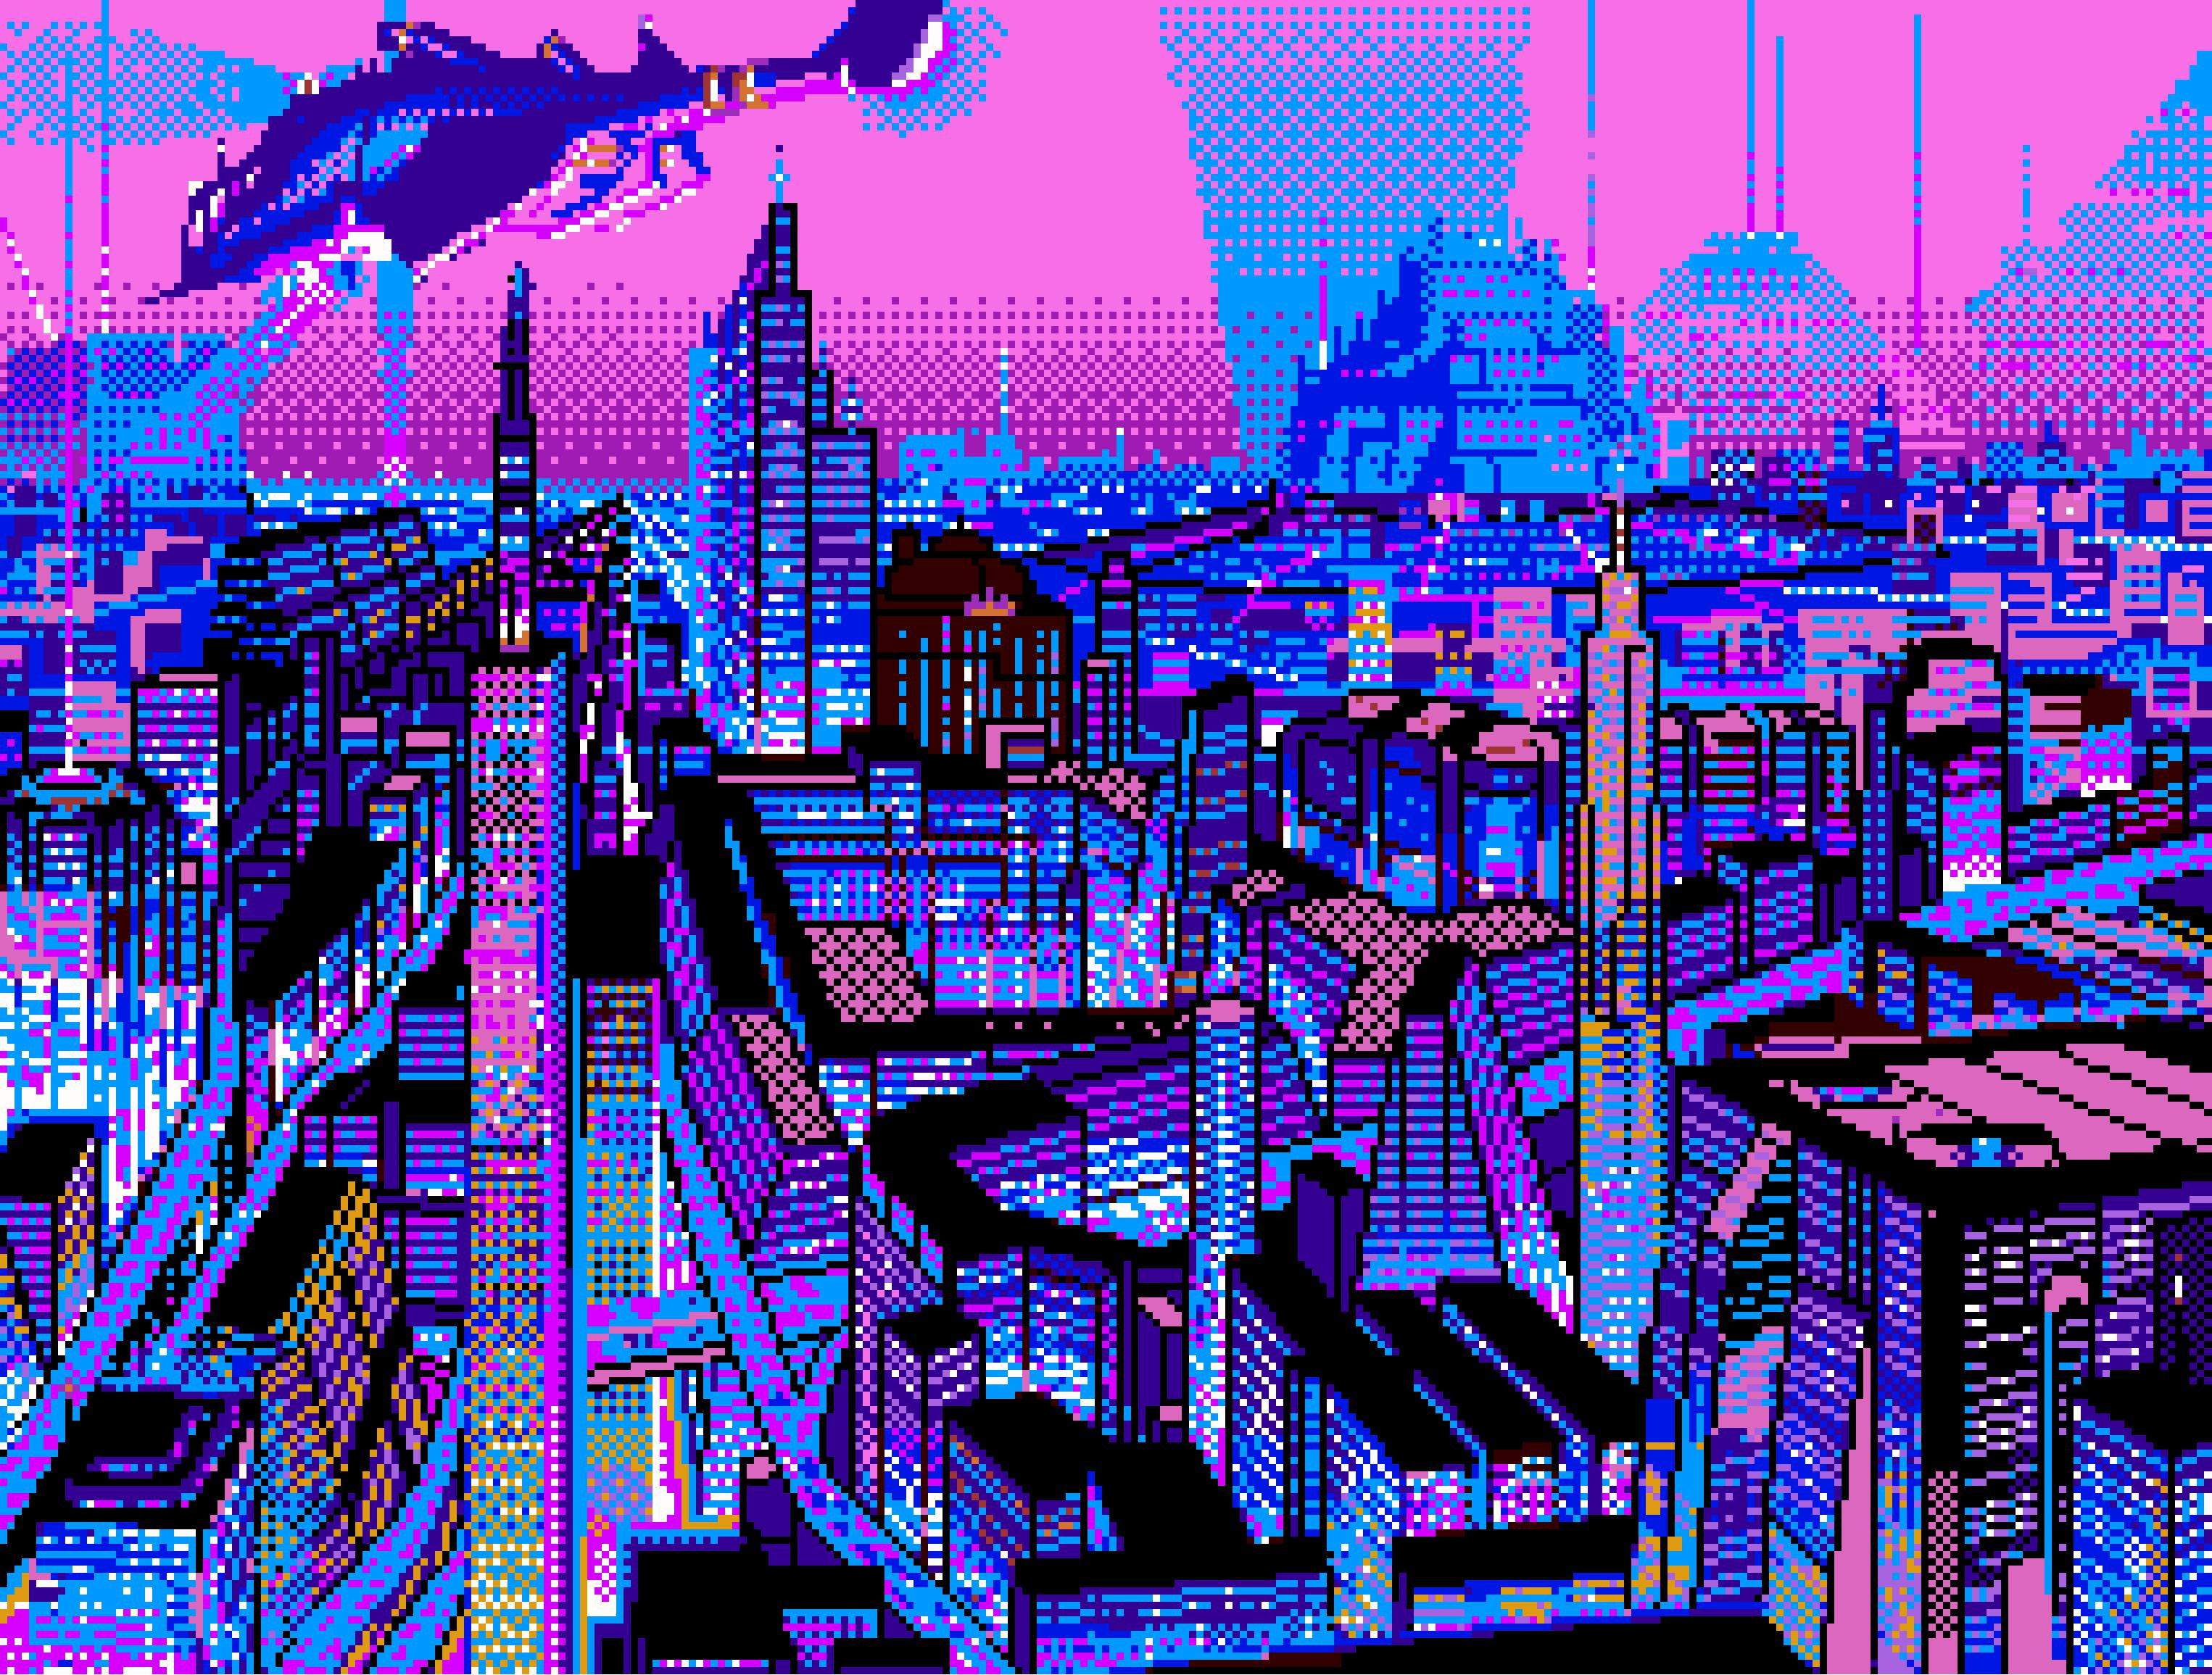 D Pixel Art Art Inspiration Pinterest D Cyberpunk